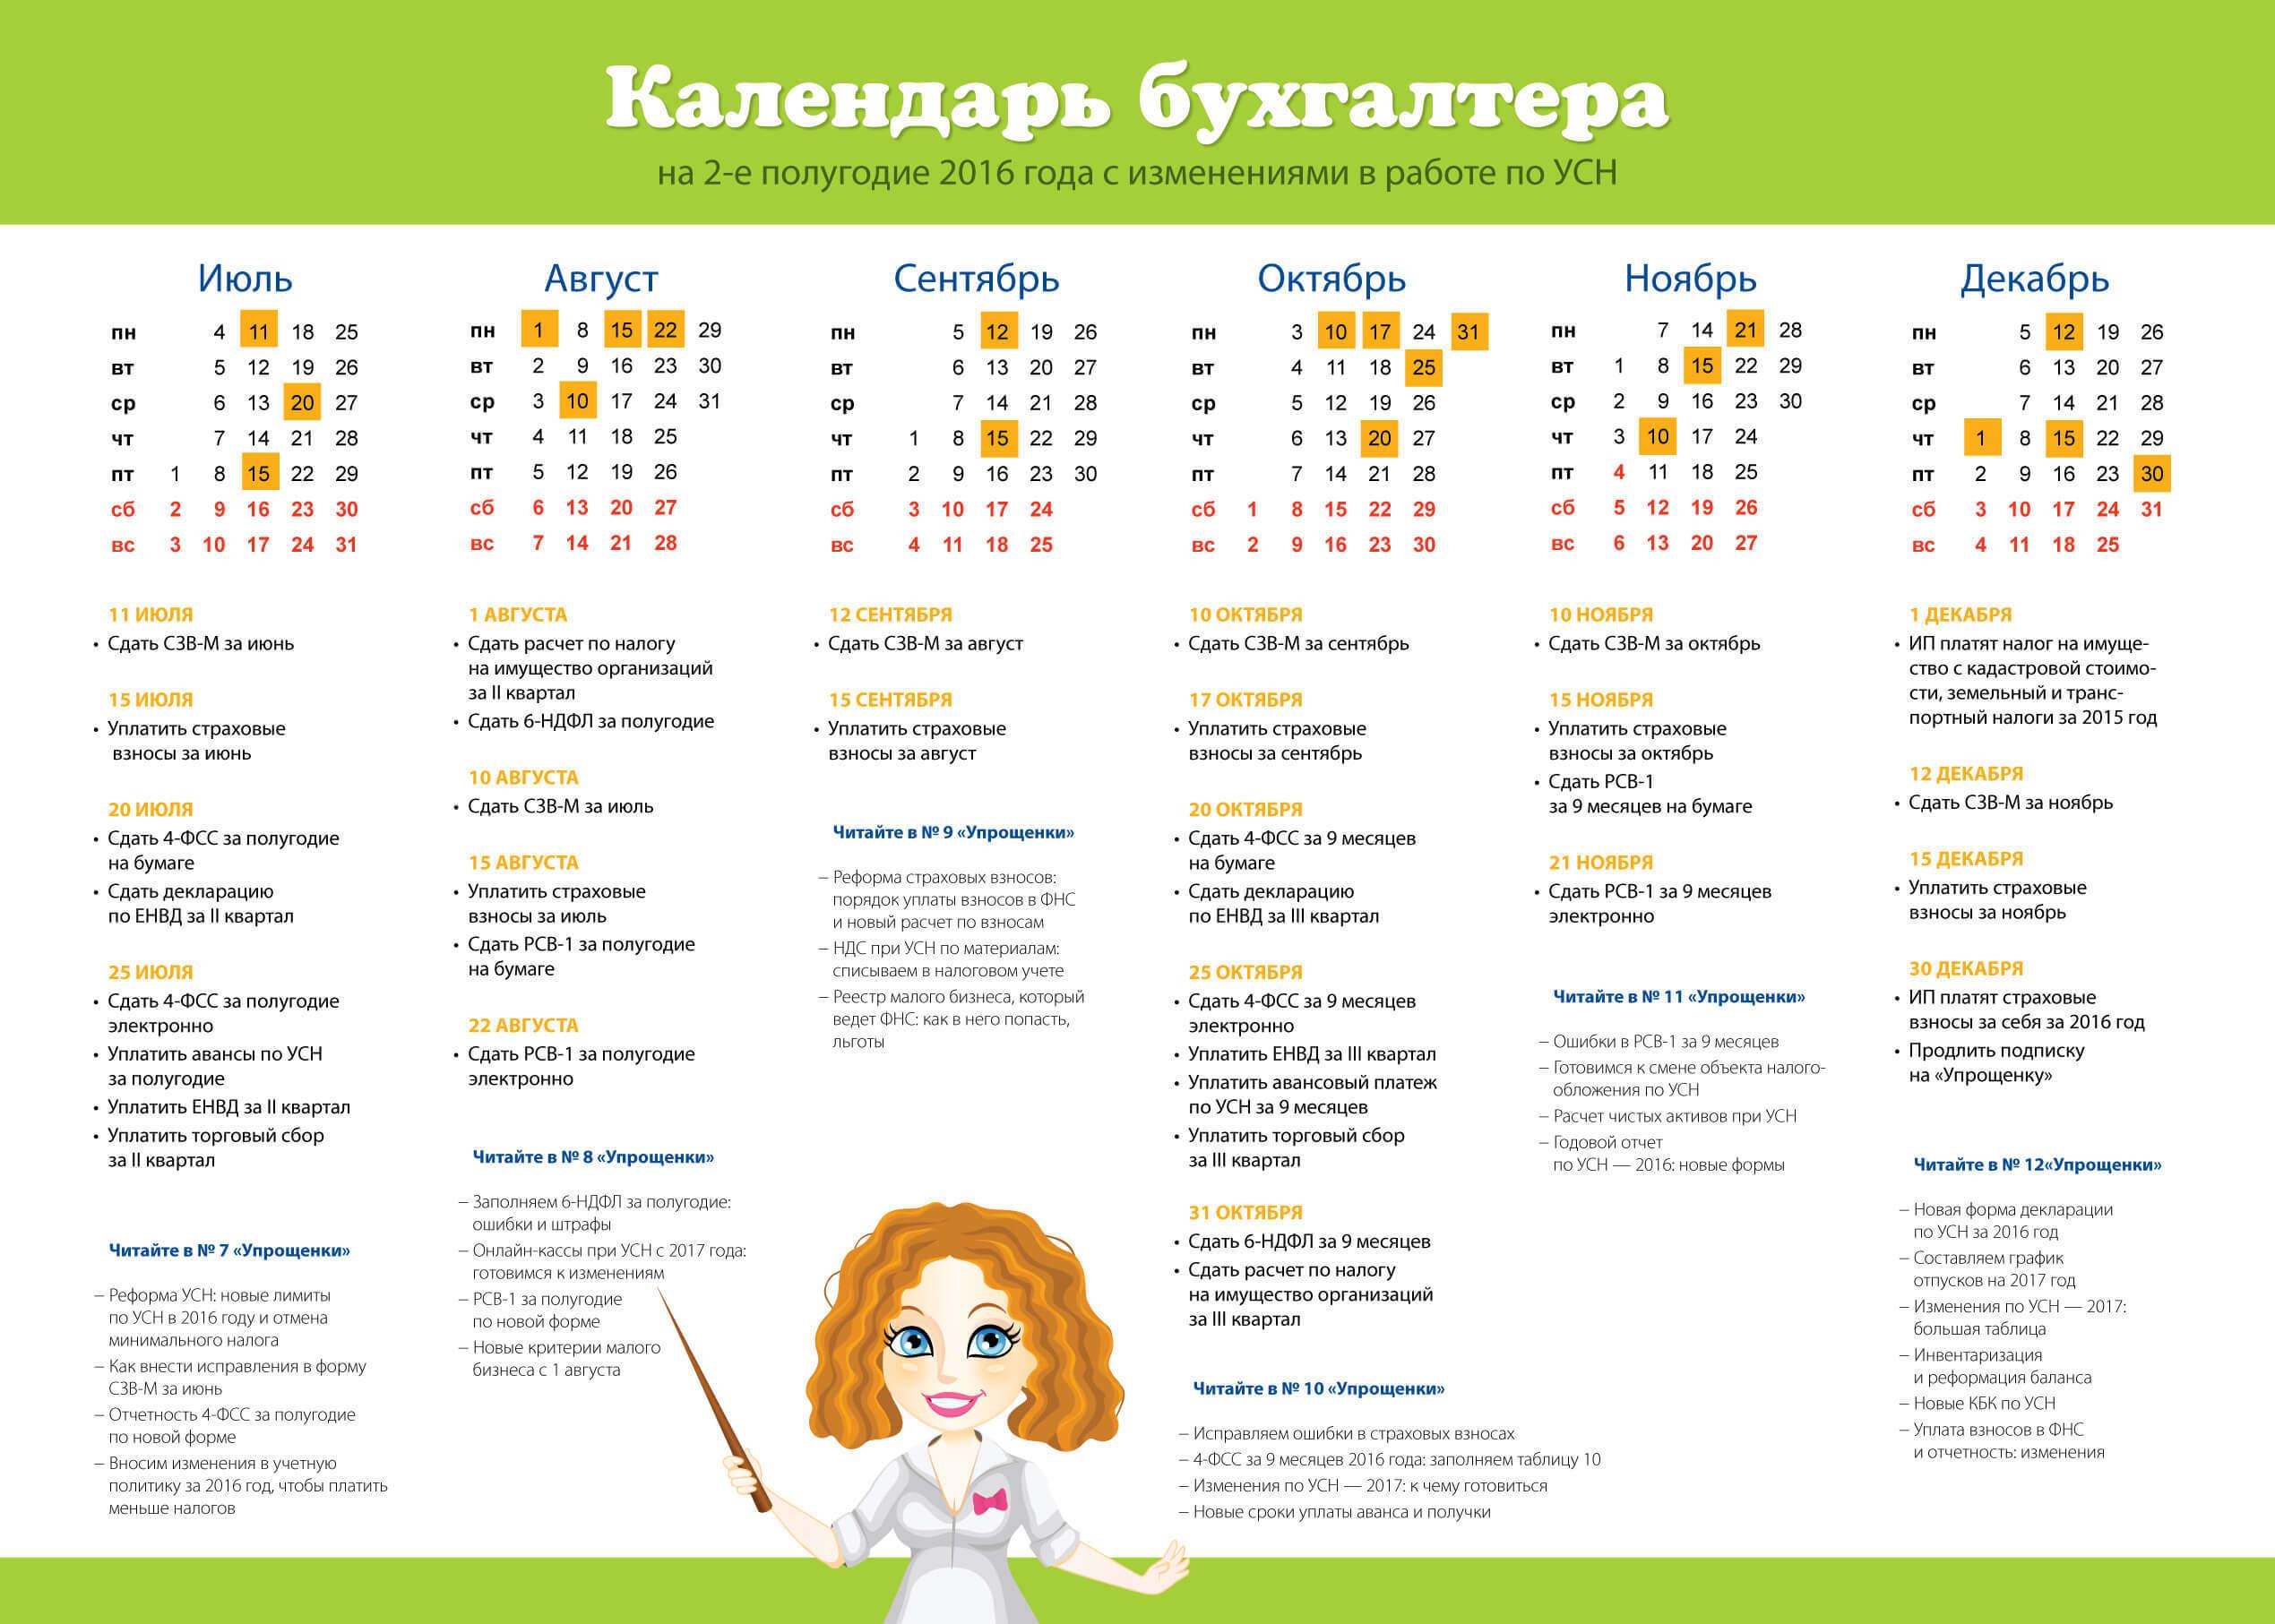 Календарь отчетности усн